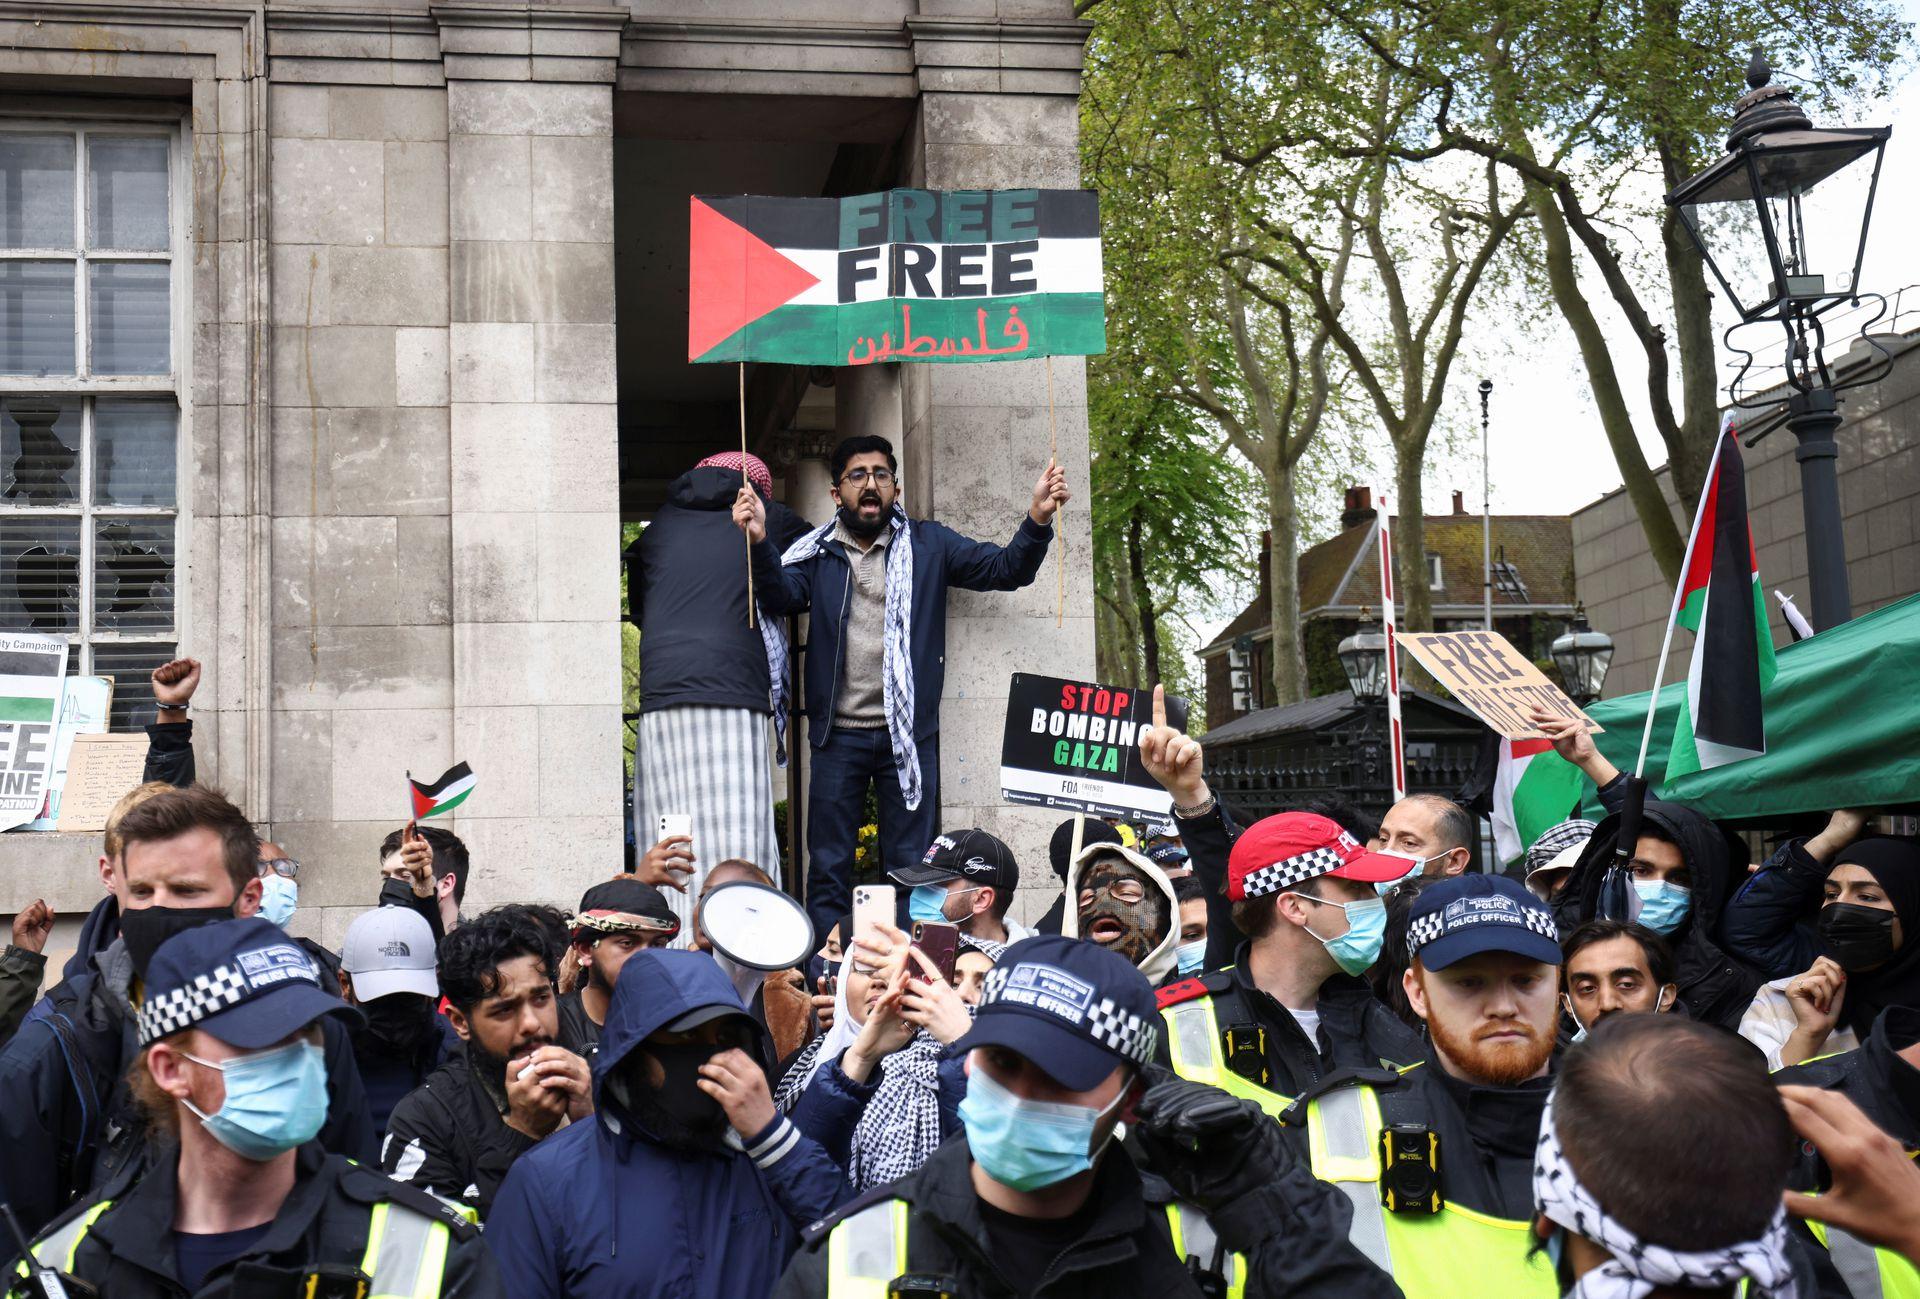 以巴冲突:图为5月15日,英国伦敦民众上街声援巴勒斯坦人。(Reuters)